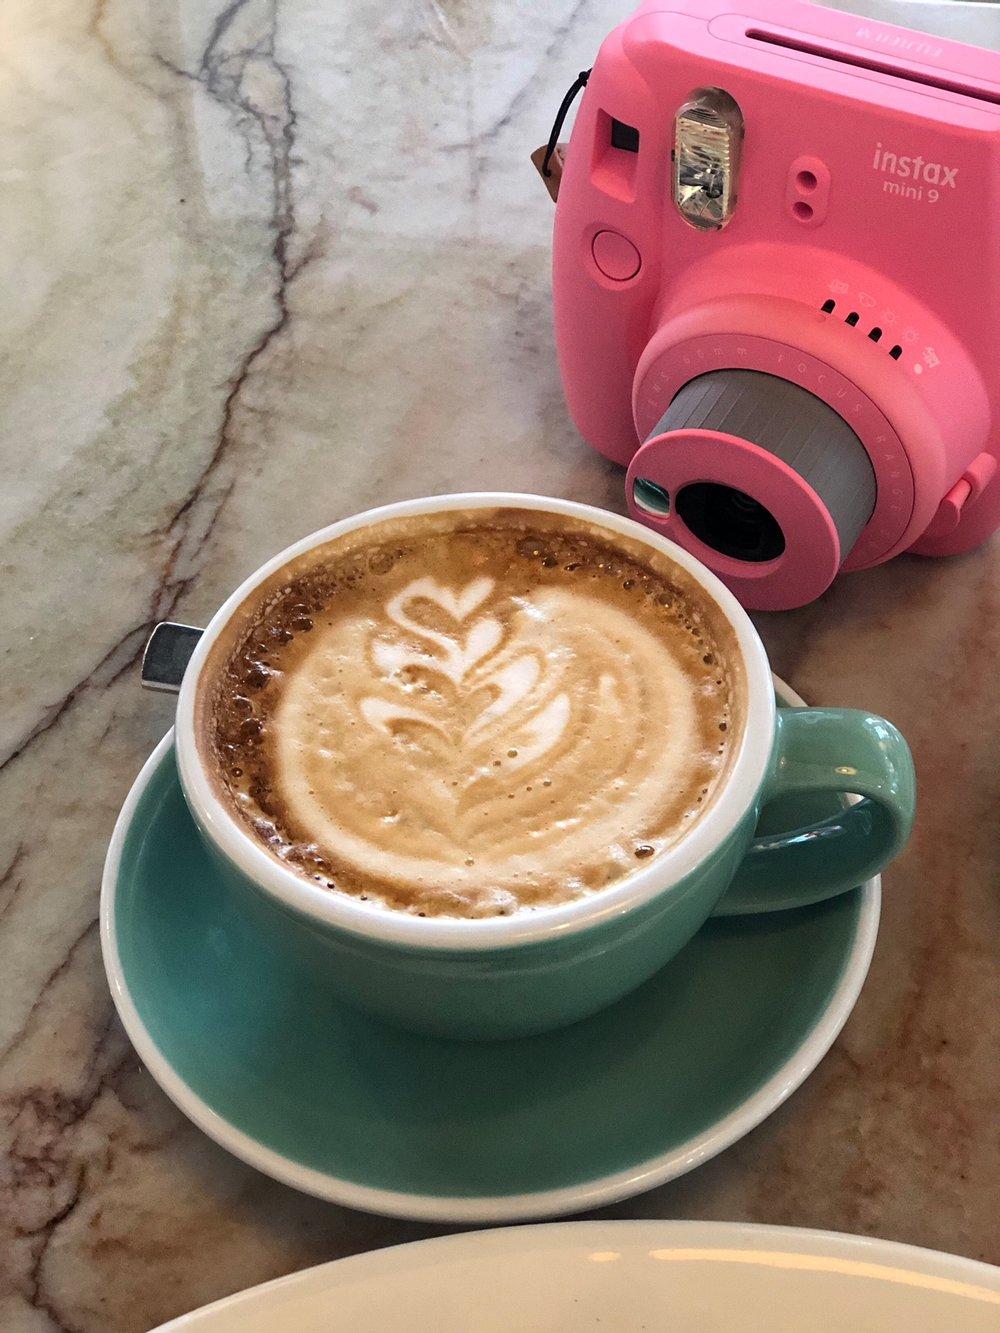 Cafe au lait, OTL - Miami, FL